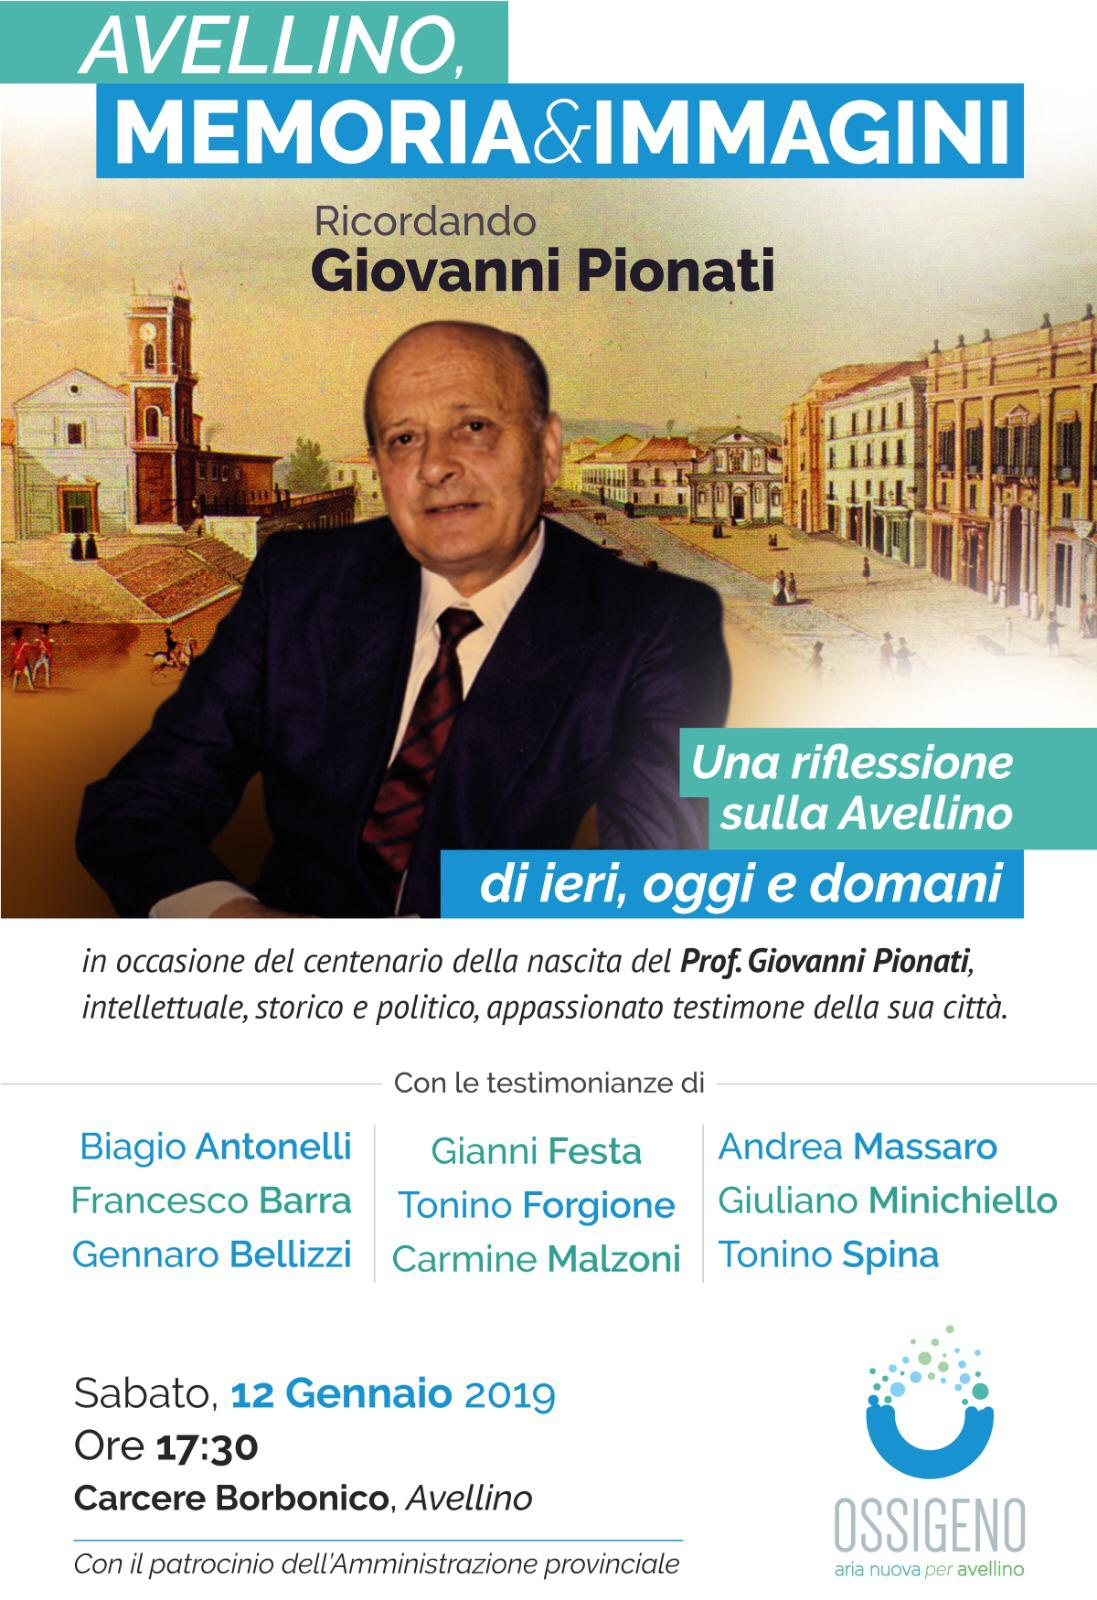 Avellino| Ossigeno ricorda il professore Giovanni Pionati nel centenario dell nascita